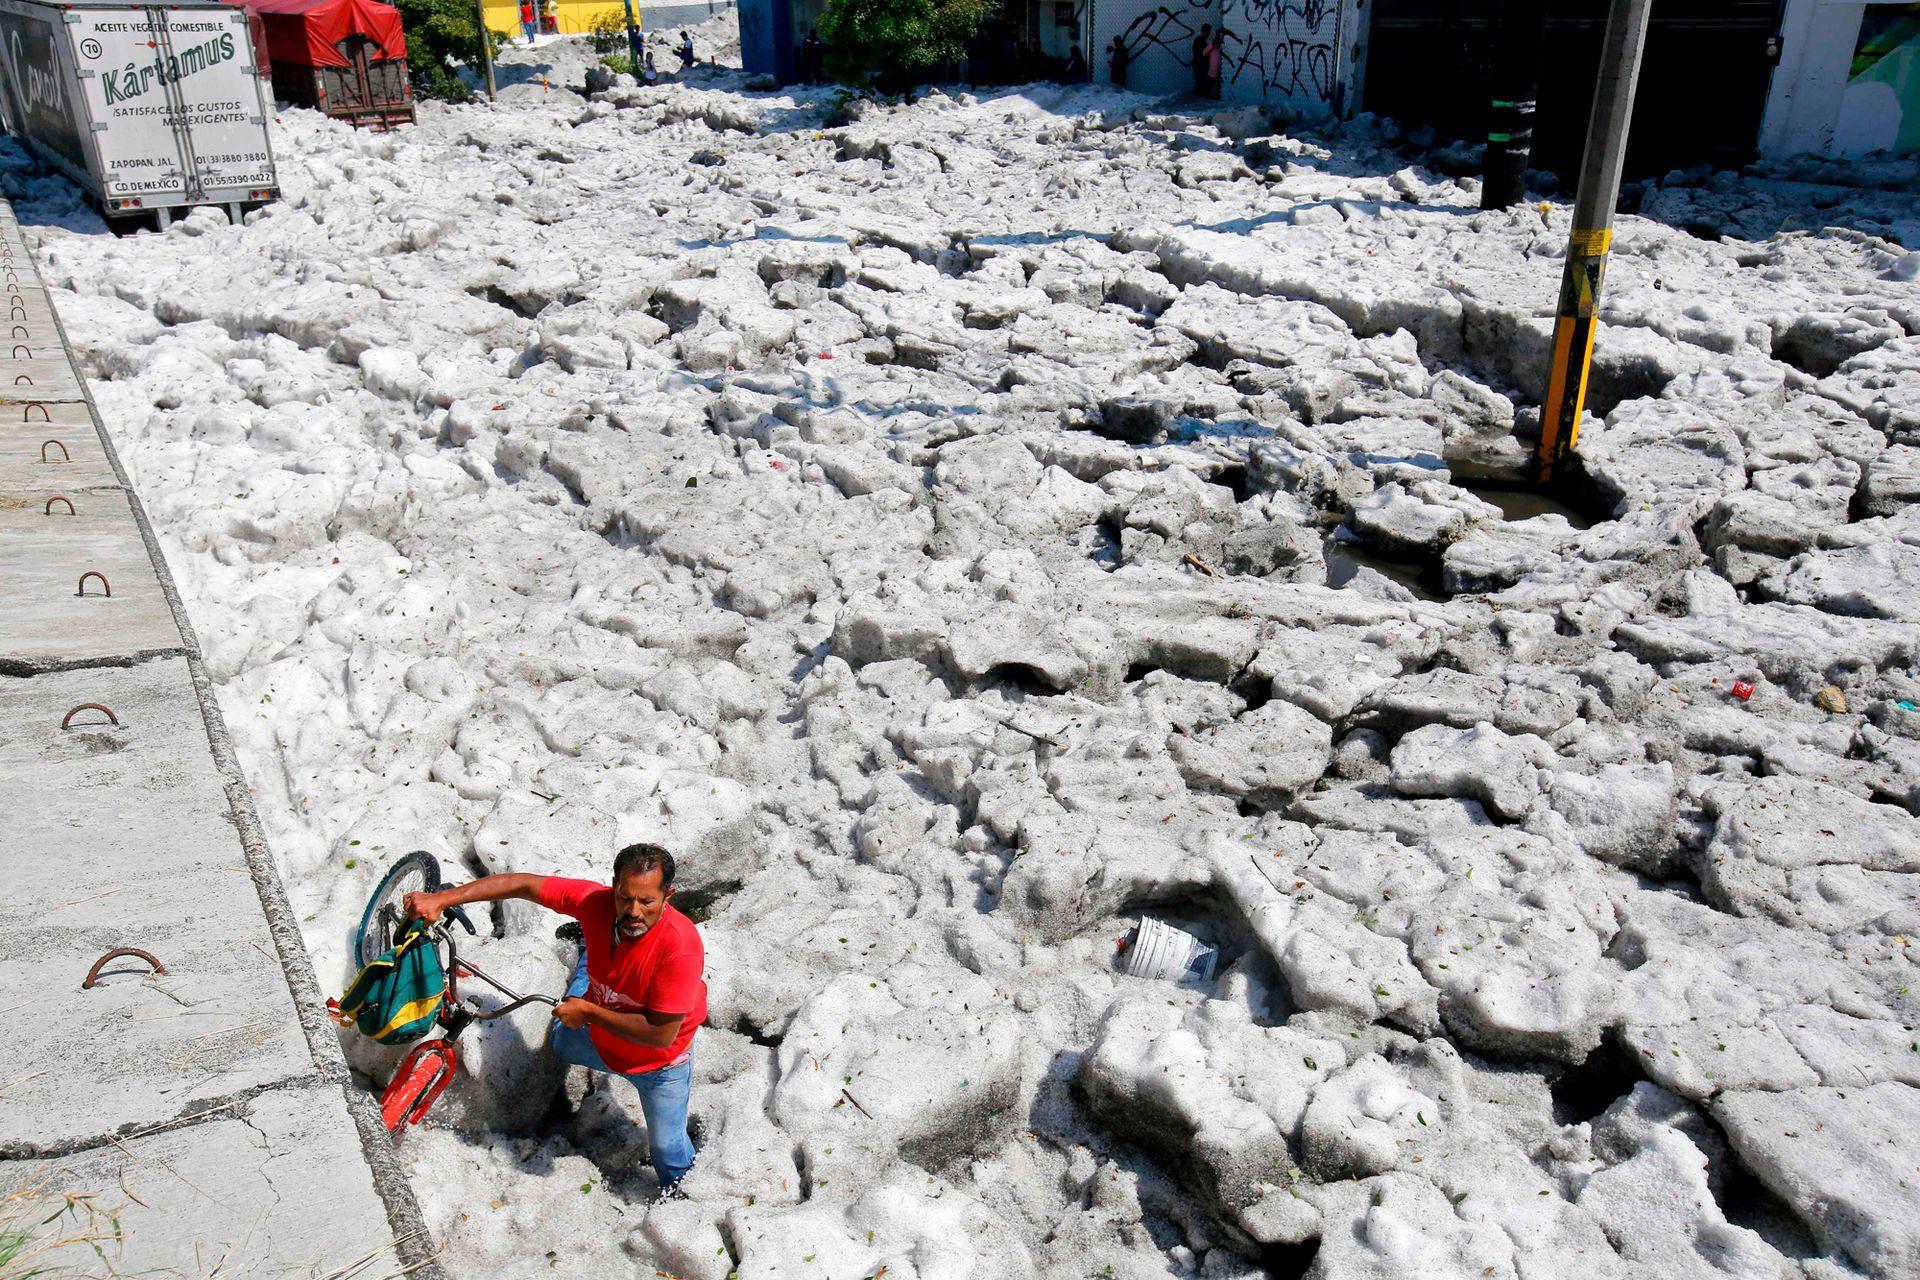 Los Ayuntamientos de Guadalajara y Tlaquepaque reportaron cerca de 200 casas y negocios afectados y al menos 50 vehículos arrastrados por la corriente de agua que se formó